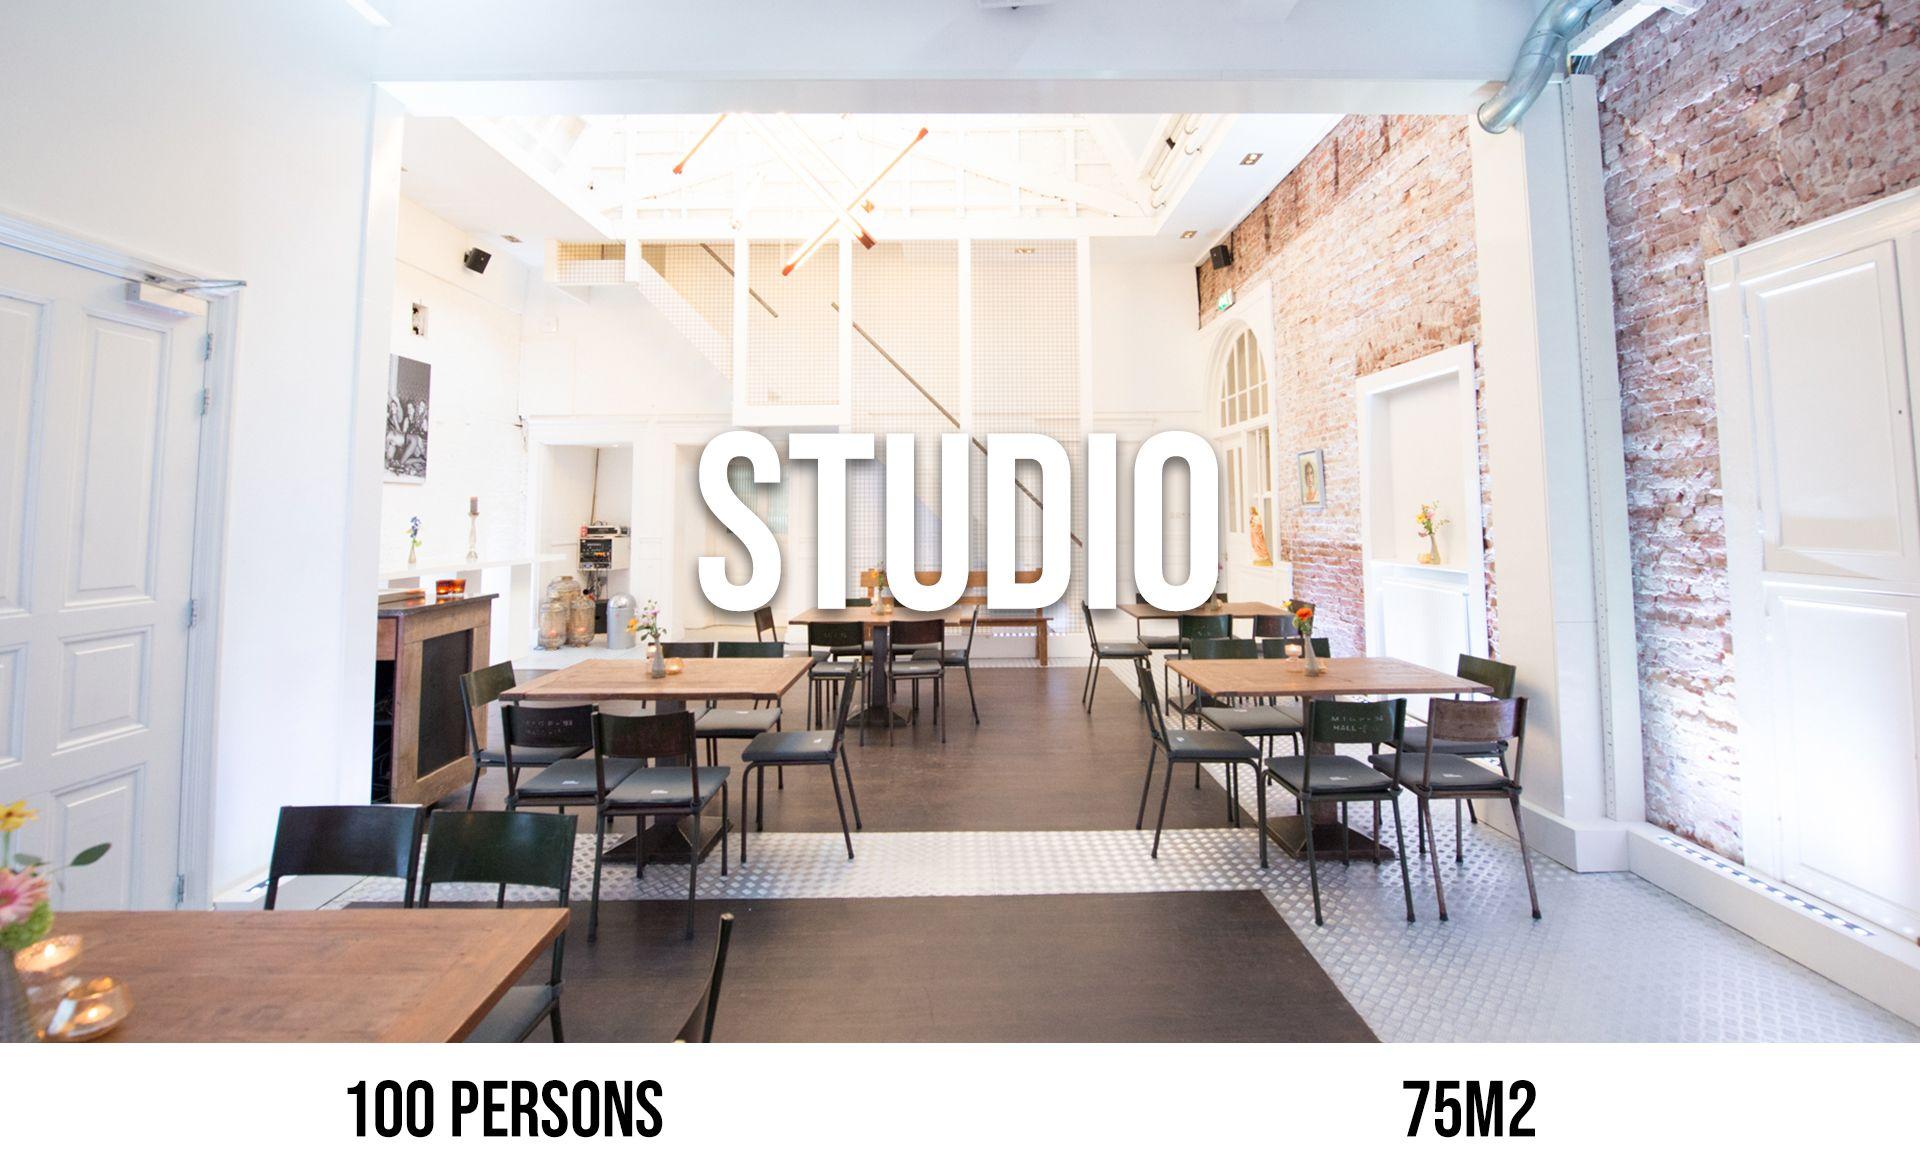 Studio (maximum 100 persons, area 75 m²)